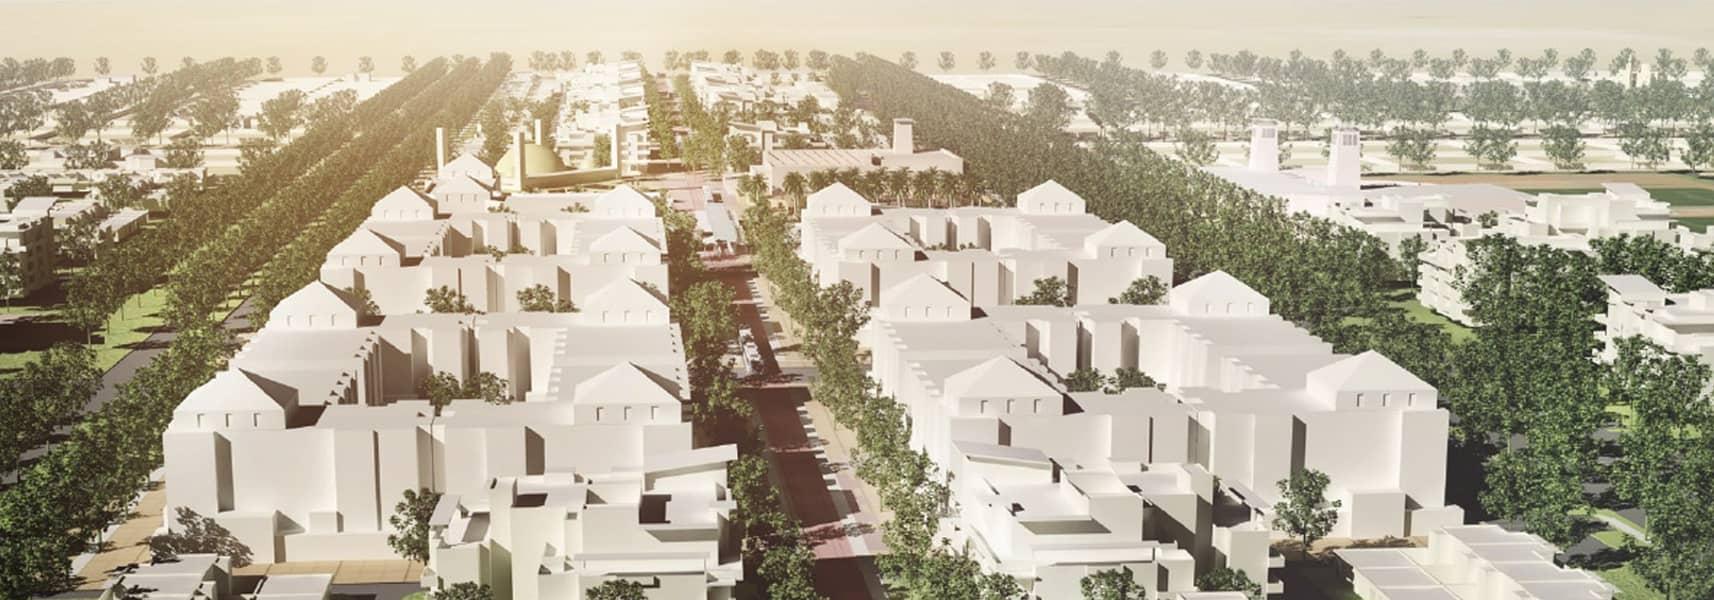 فيلا  مستقلة اول ساكن 6 غرف ماستر مع كبتات و باركنج خاص و مساحة 100*100 قدم